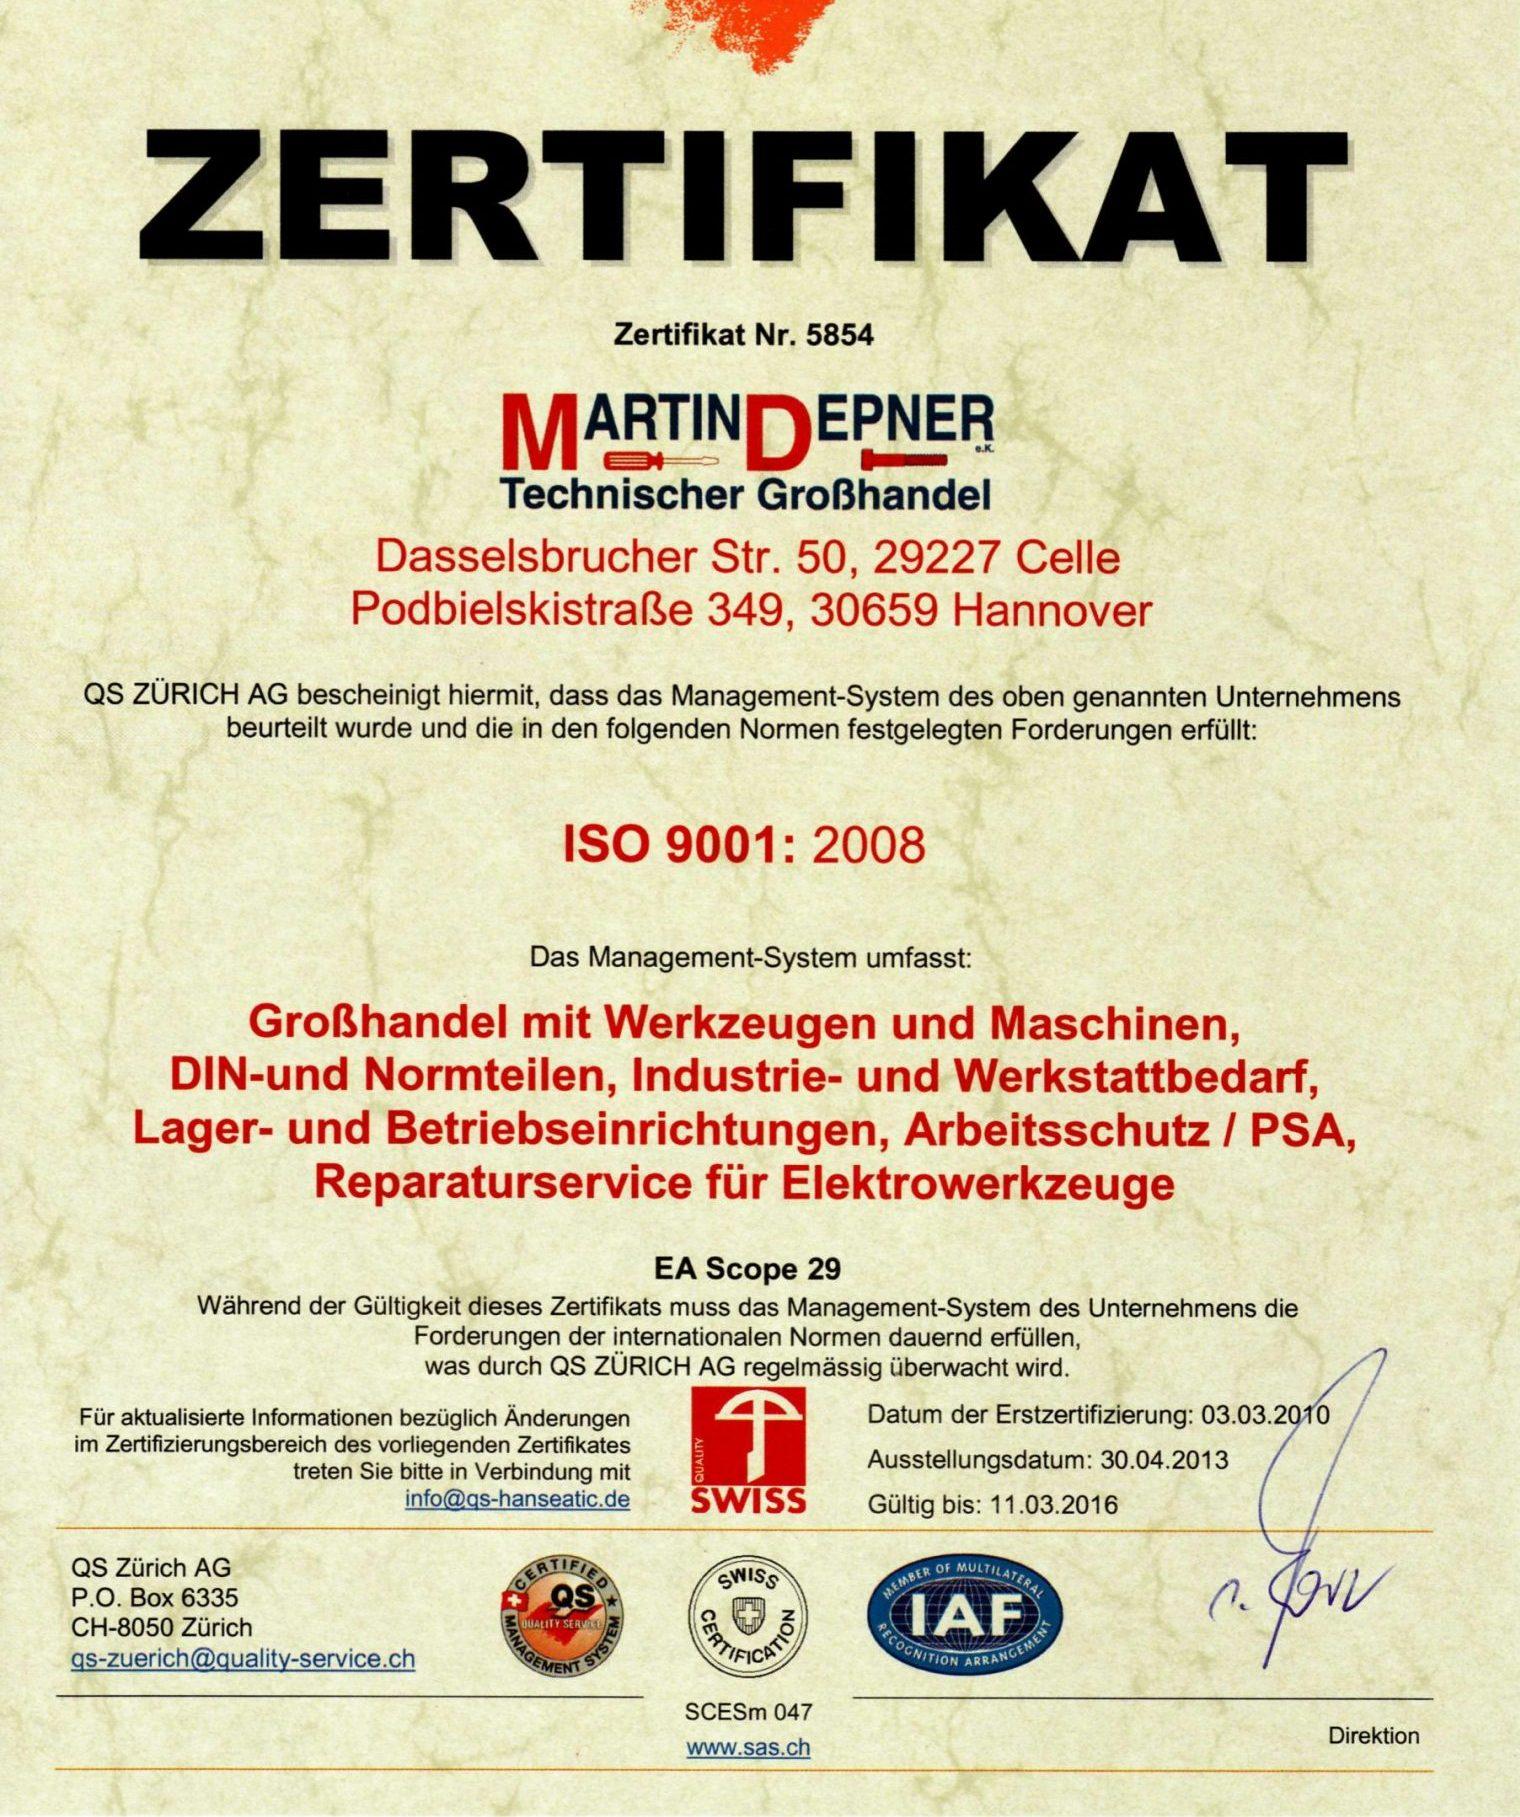 Martin Depner GmbH Technischer Großhandel